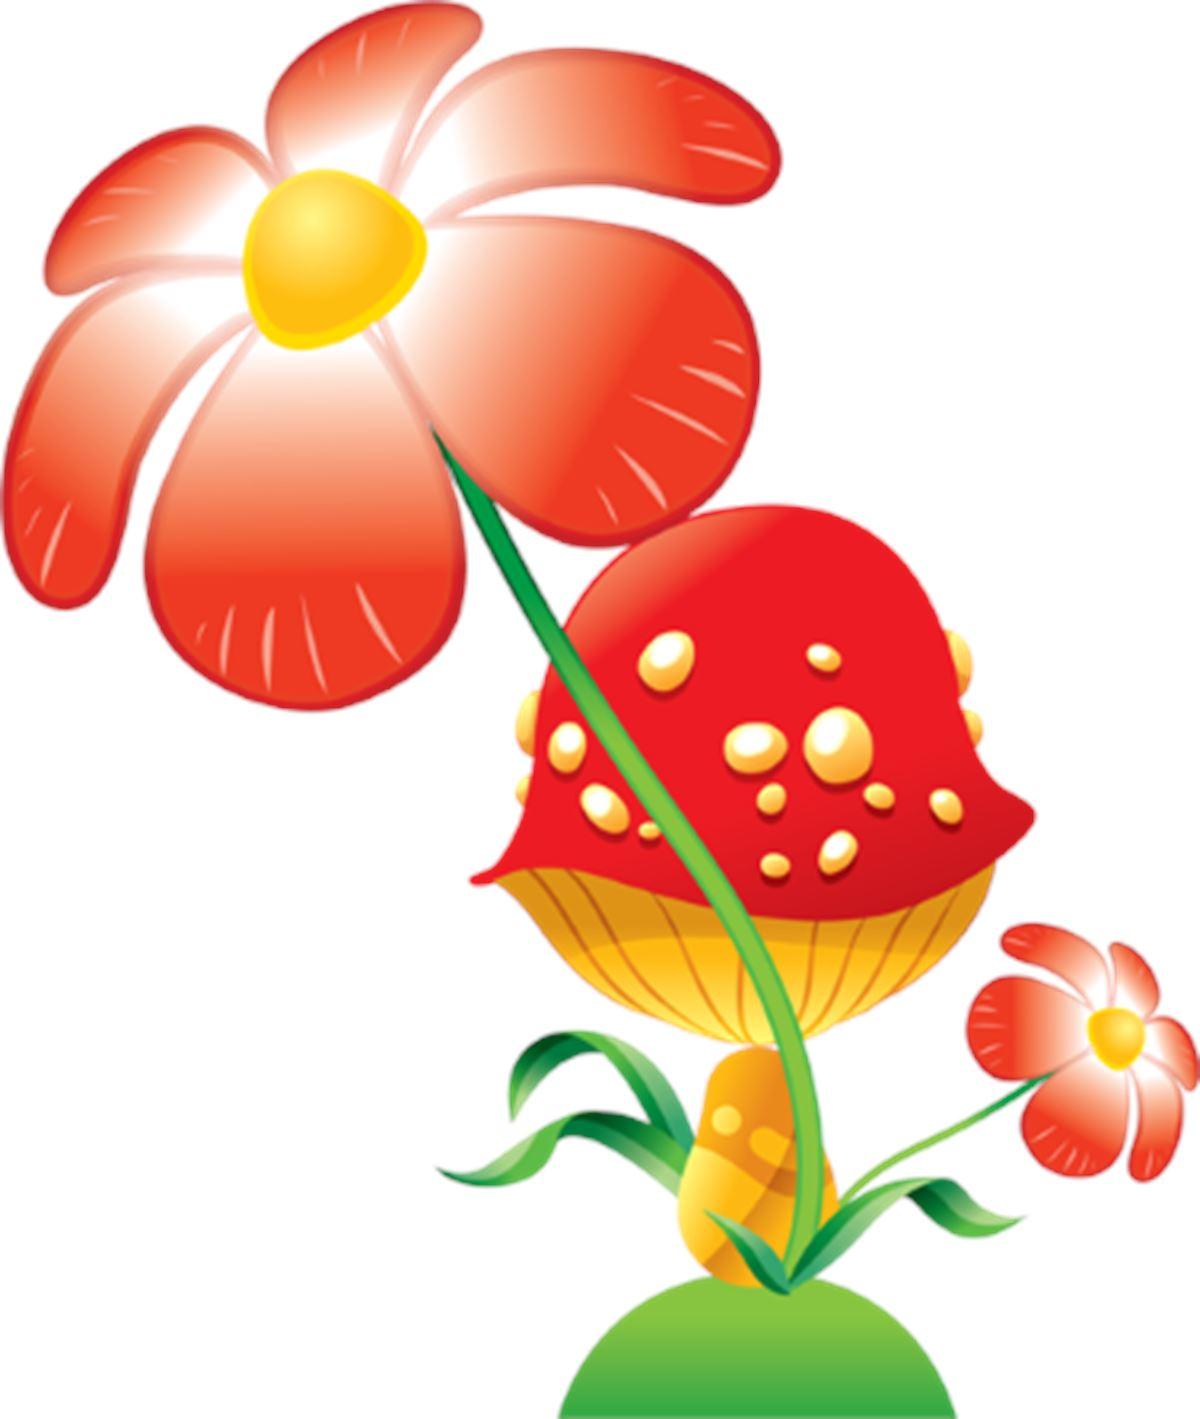 Adesivi murali fiore e fungo leostickers for Planner cameretta